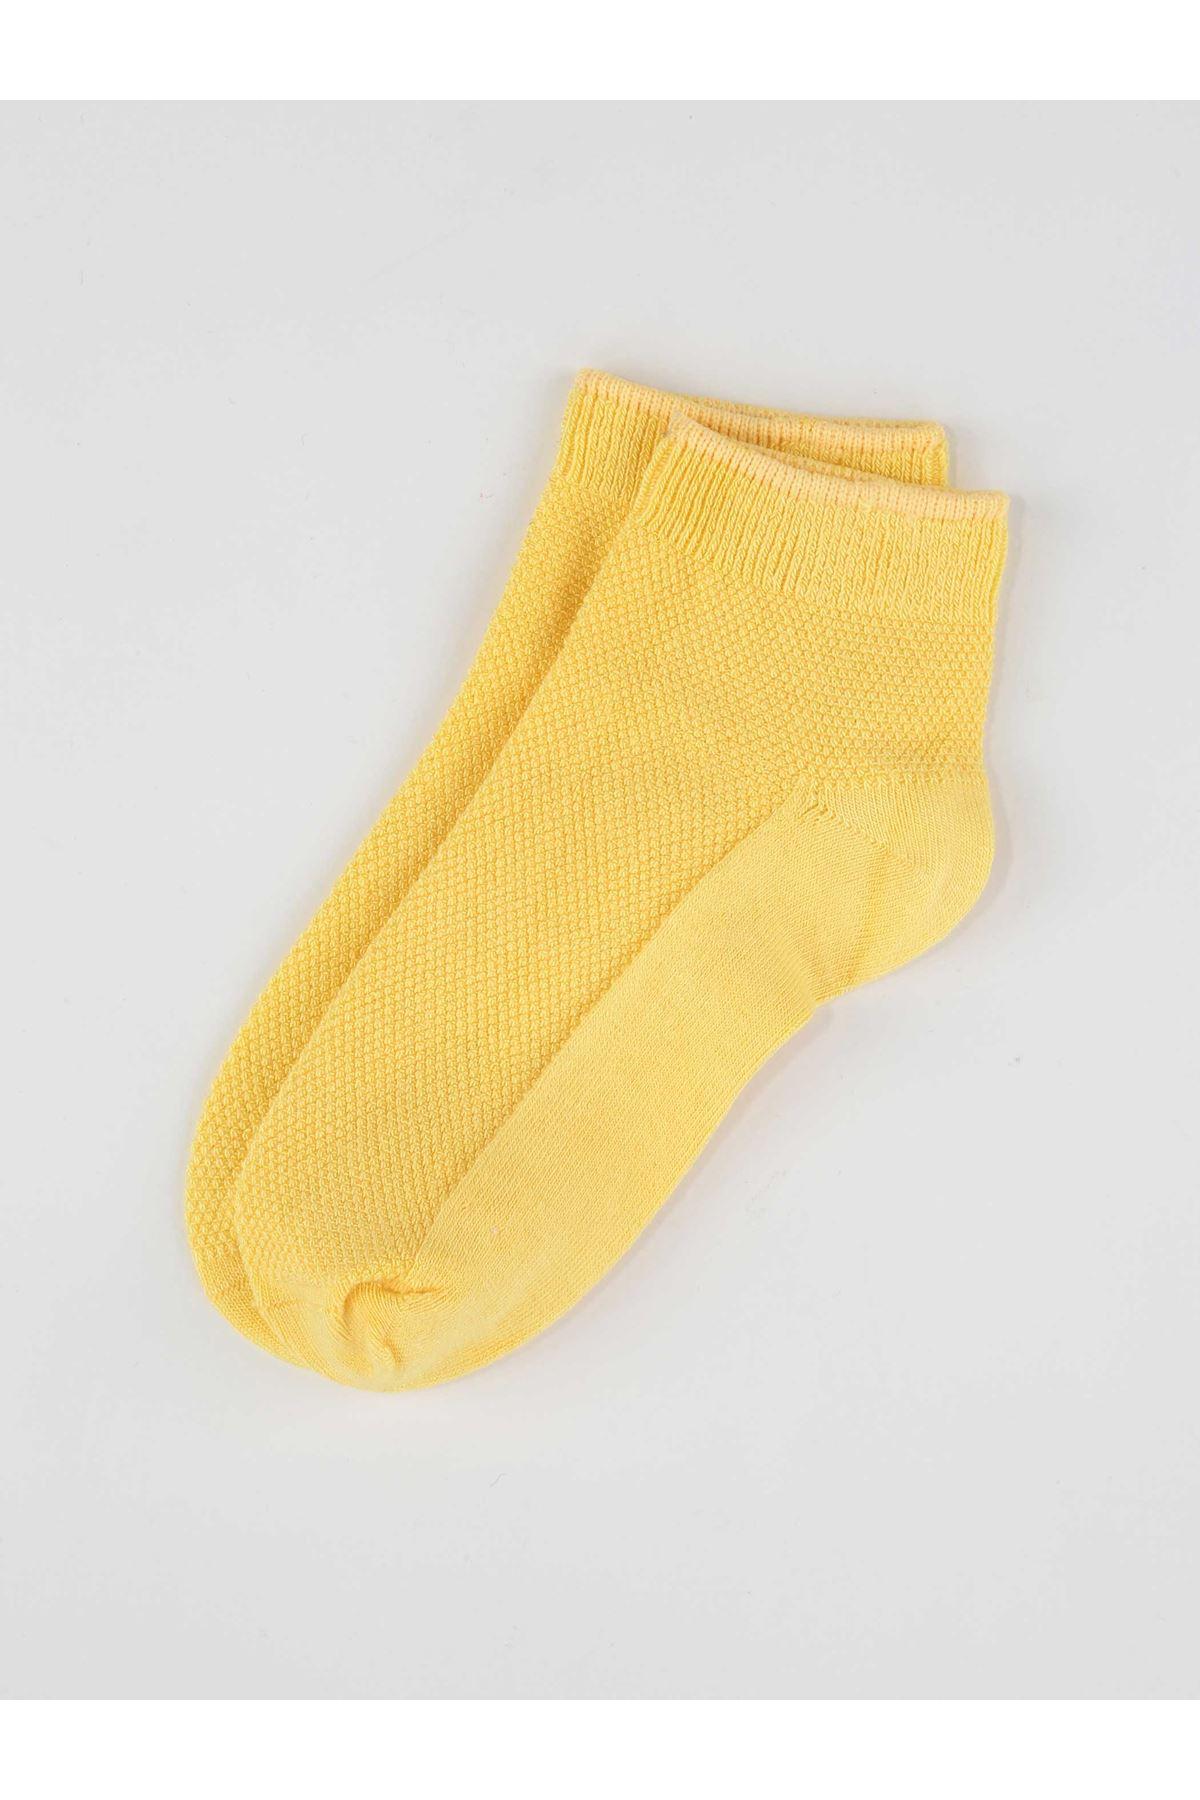 Yellow Bamboo Girl Booties Socks